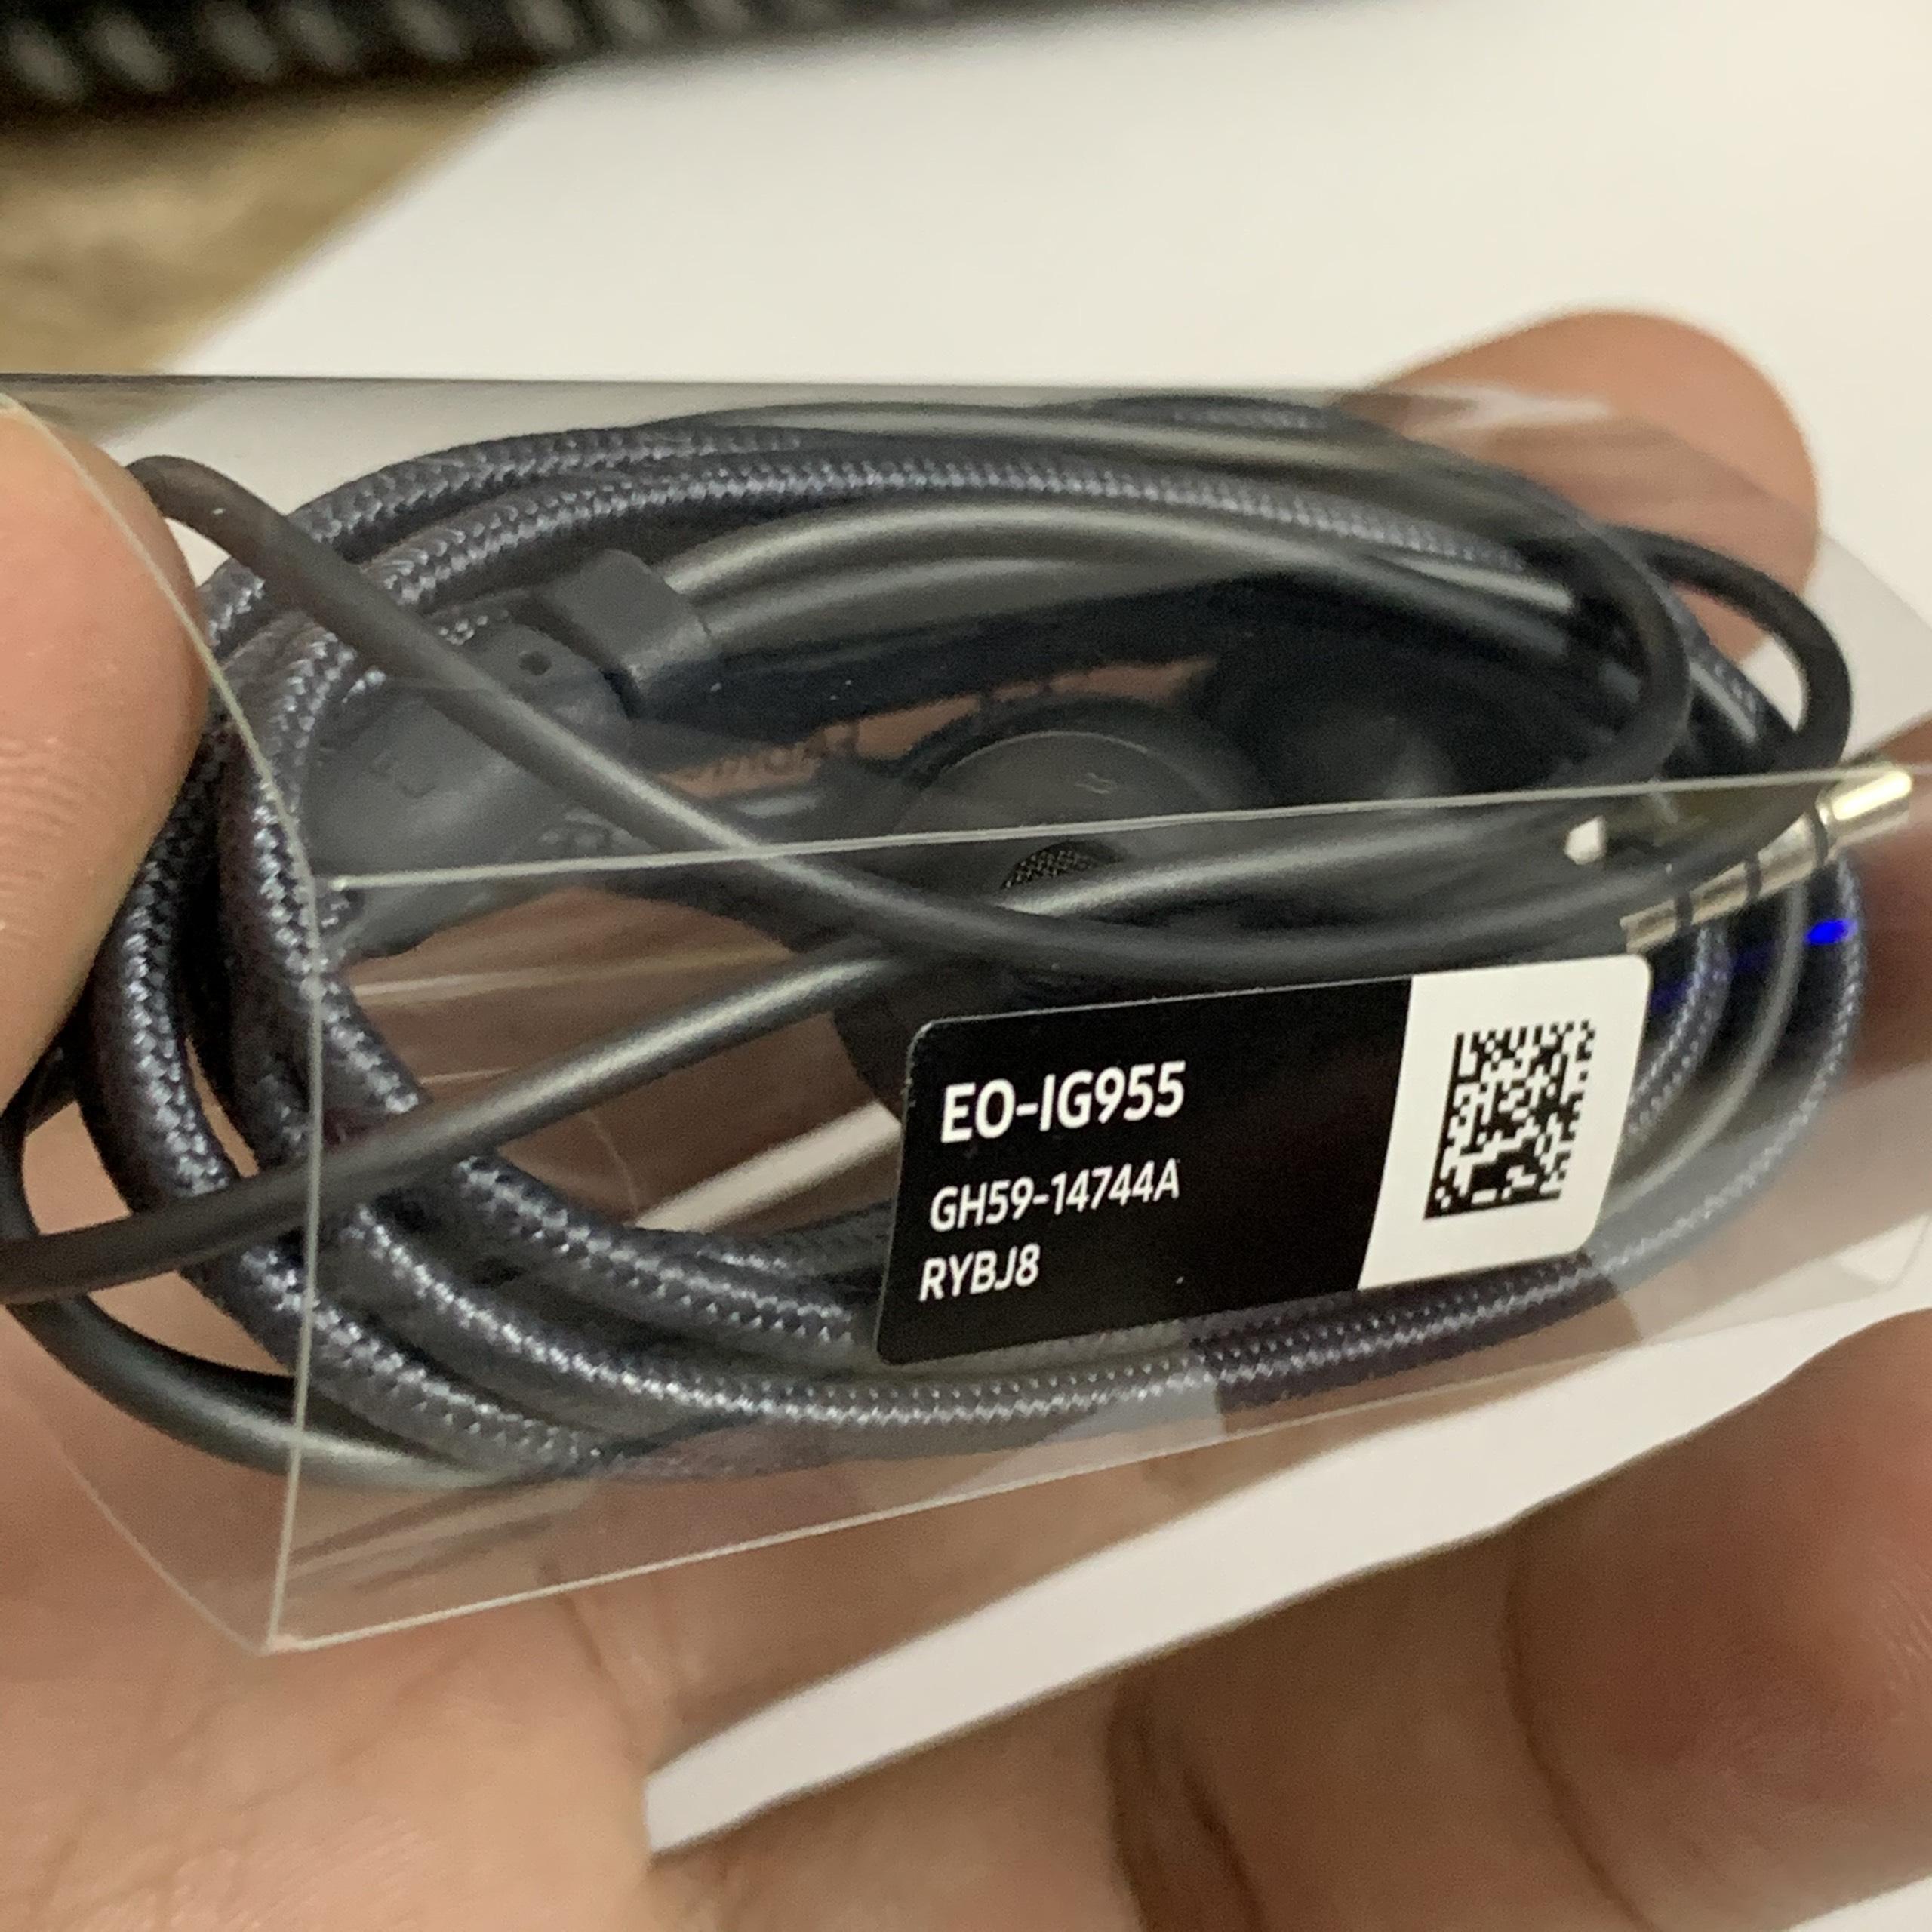 Tai nghe S8,S9 cao cấp dùng cho Smart Phone Samsung Galaxy S8